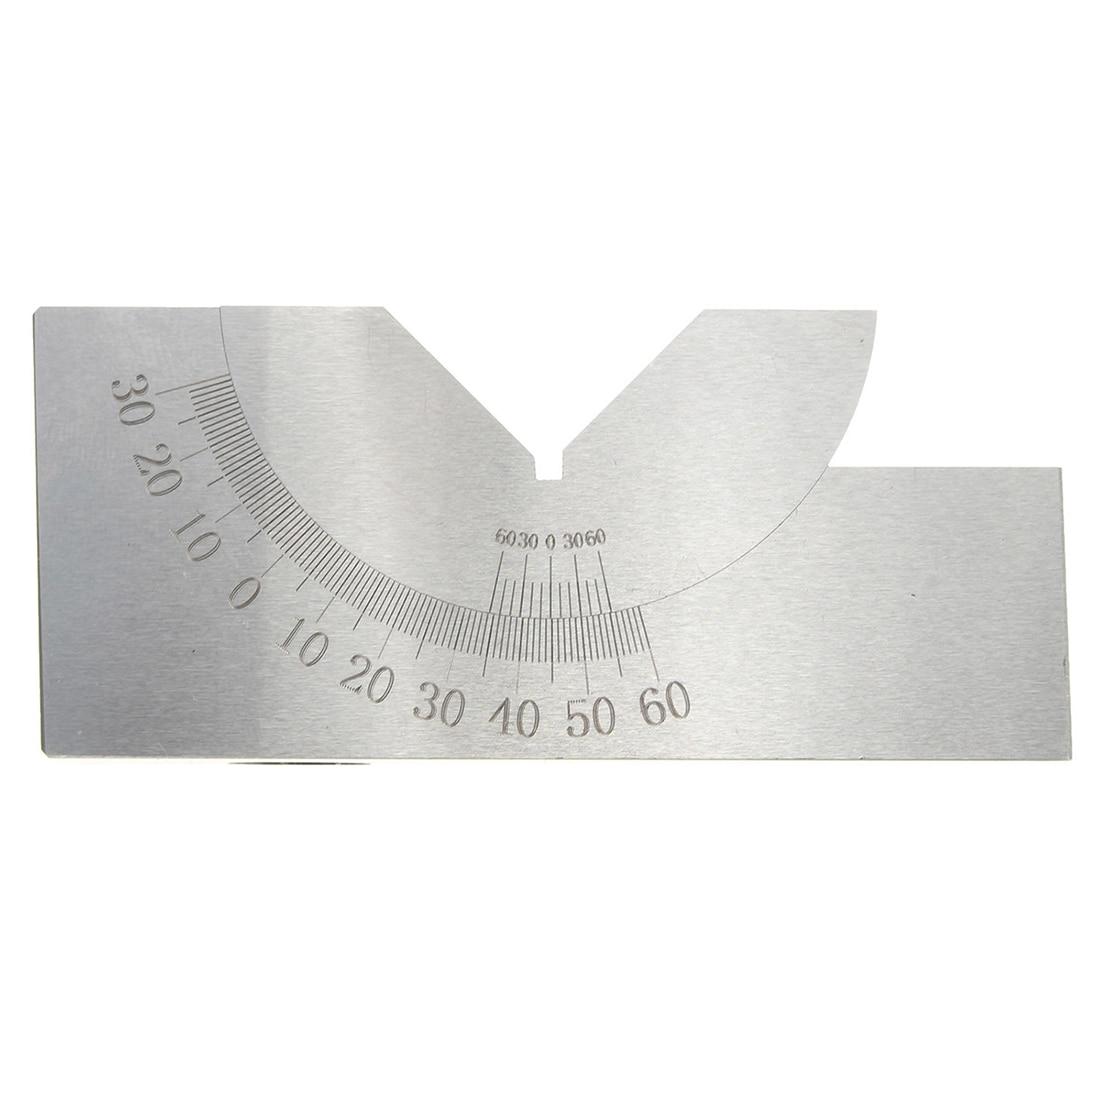 75x25x32mm precisão mini ângulo ajustável v bloco de moagem 0 graus a 60 graus